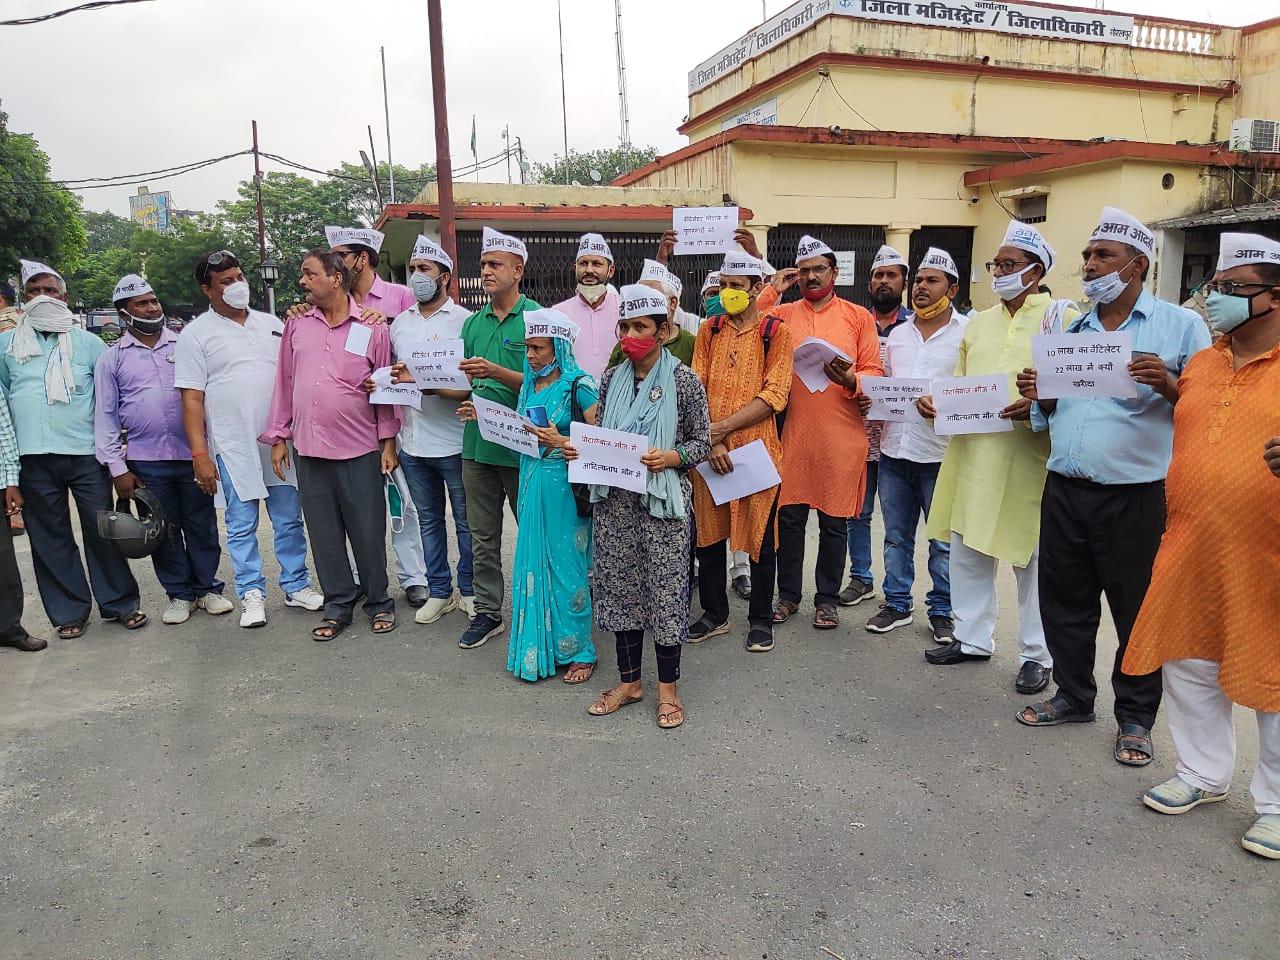 AAP ने 10 लाख का वेंटीलेटर UP में 17 से 22 लाख में खरीदने का लगाया आरोप, पूरे मामले की जांच की मांग; राज्यपाल को भेजा ज्ञापन|गोरखपुर,Gorakhpur - Dainik Bhaskar